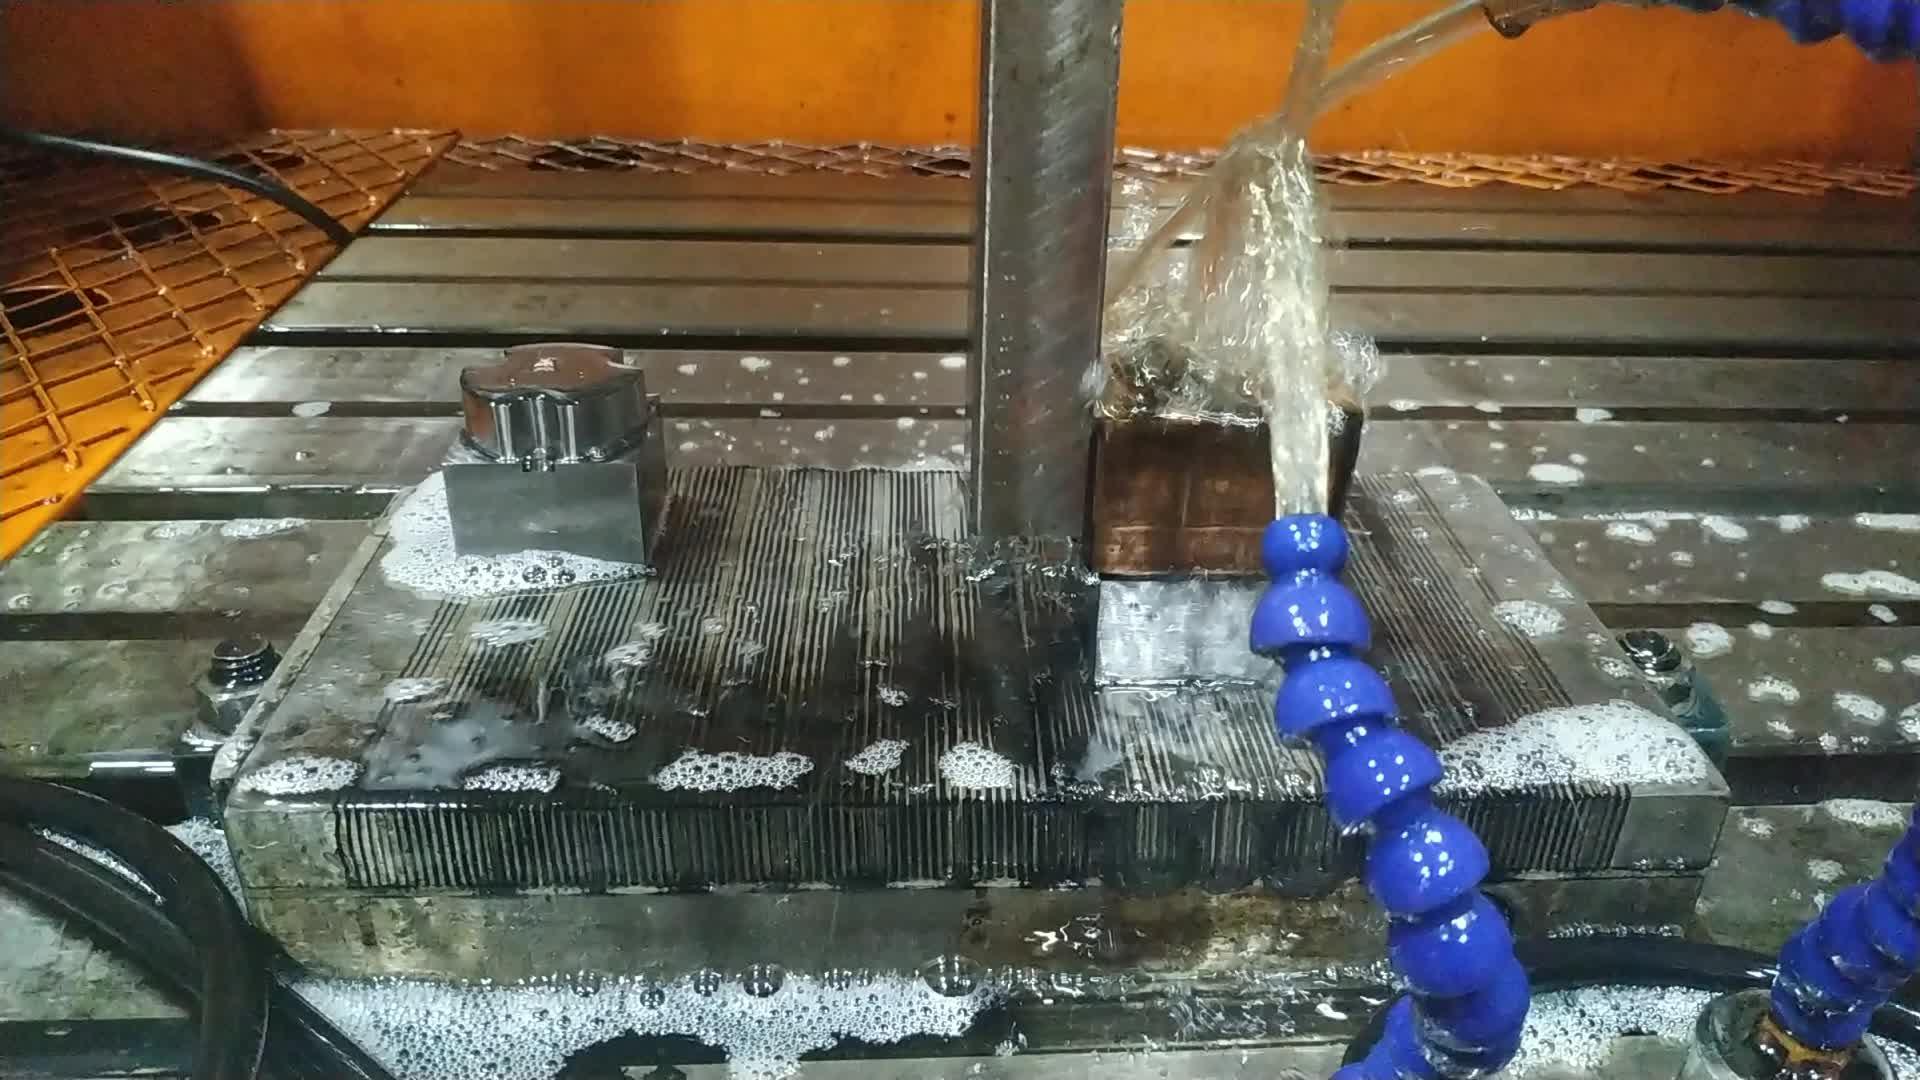 Hoge Kwaliteit Kunststof Spuitgiet & Plastic Spuitgieten Deel Plastic Producten Mold Maker